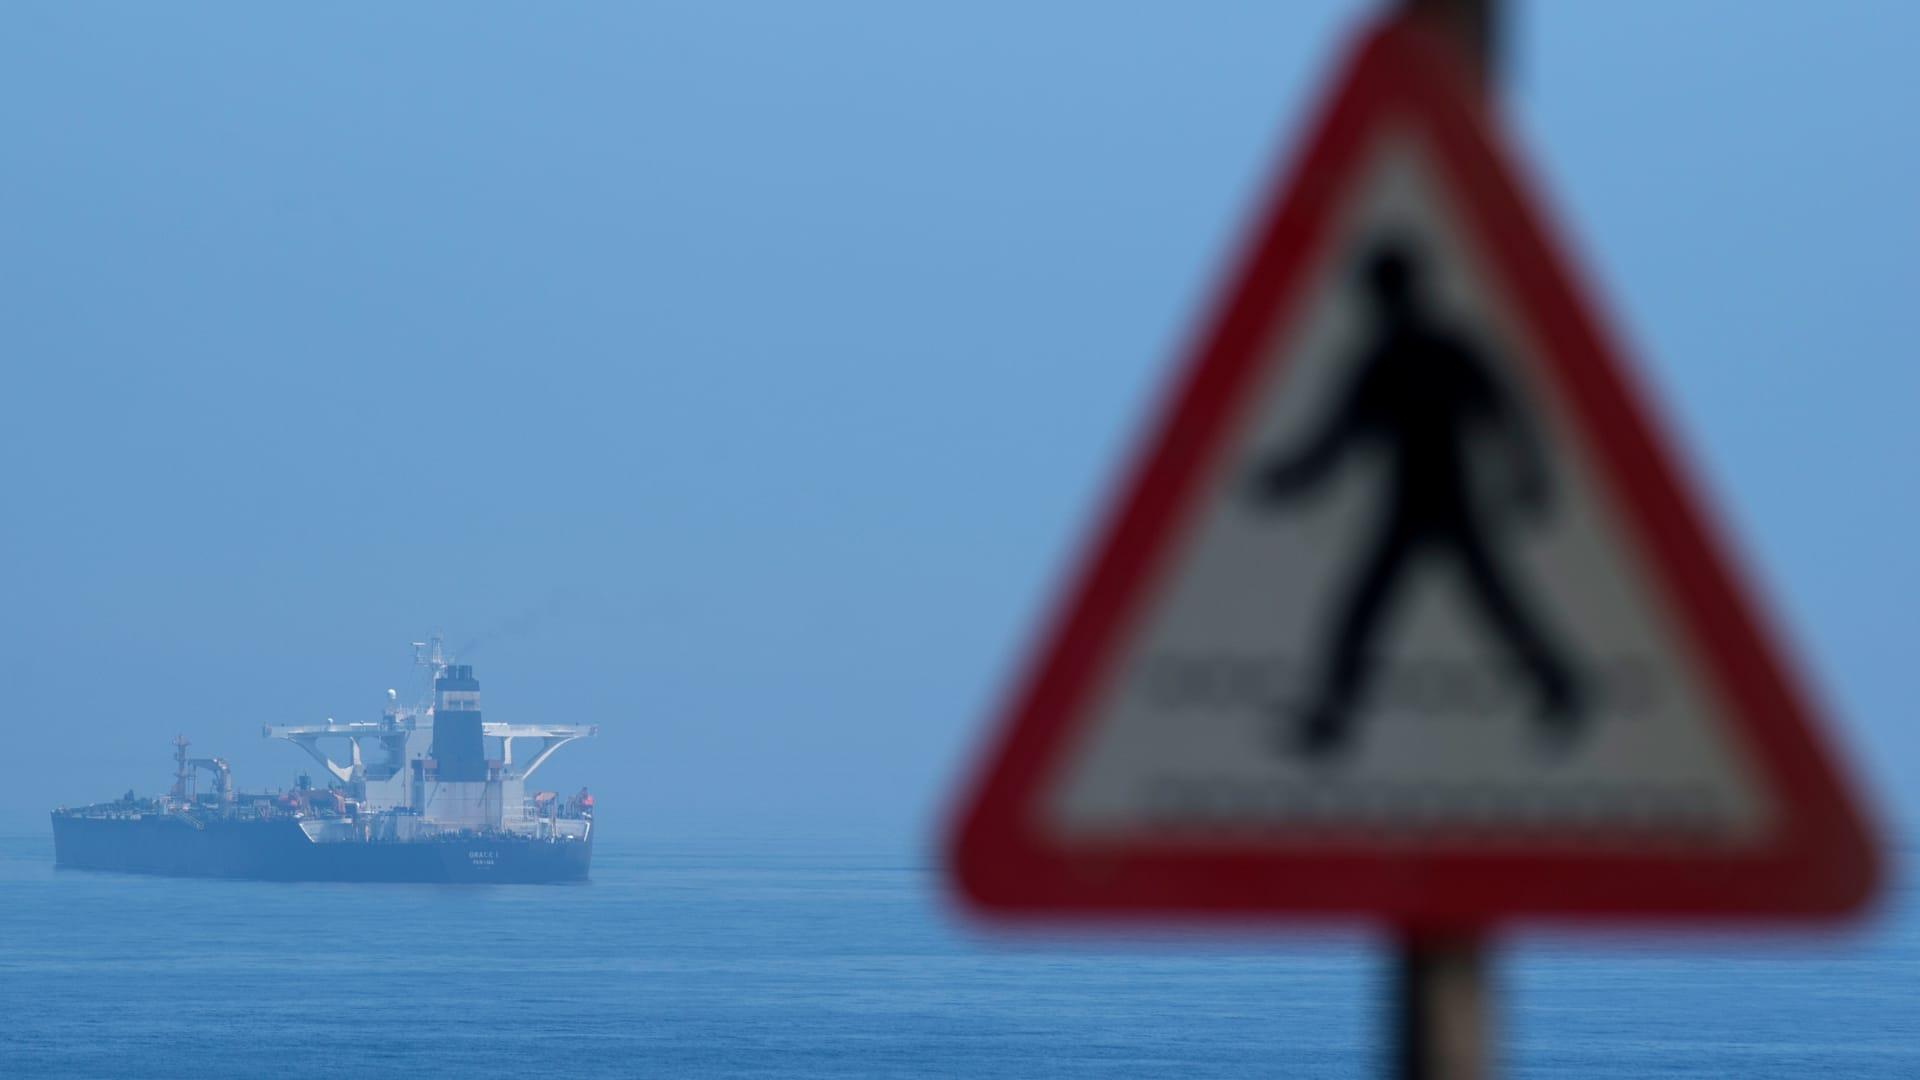 لحظة احتجاز ناقلة النفط البريطانية من قبل الحرس الثوري